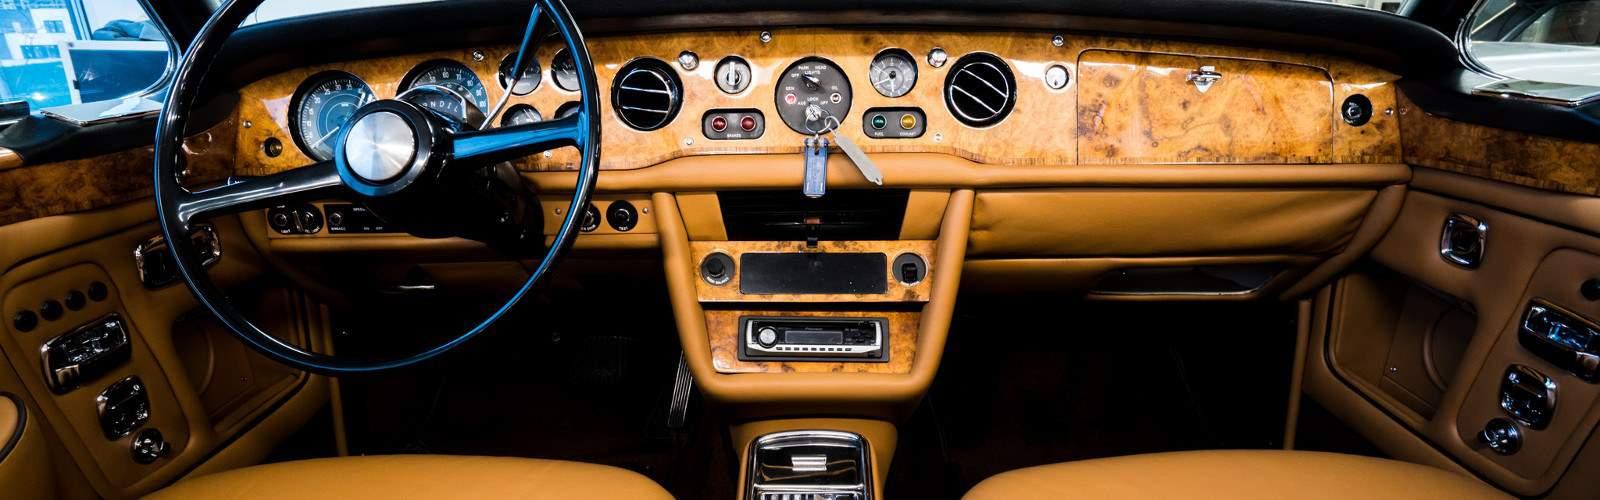 colourlock dashboard